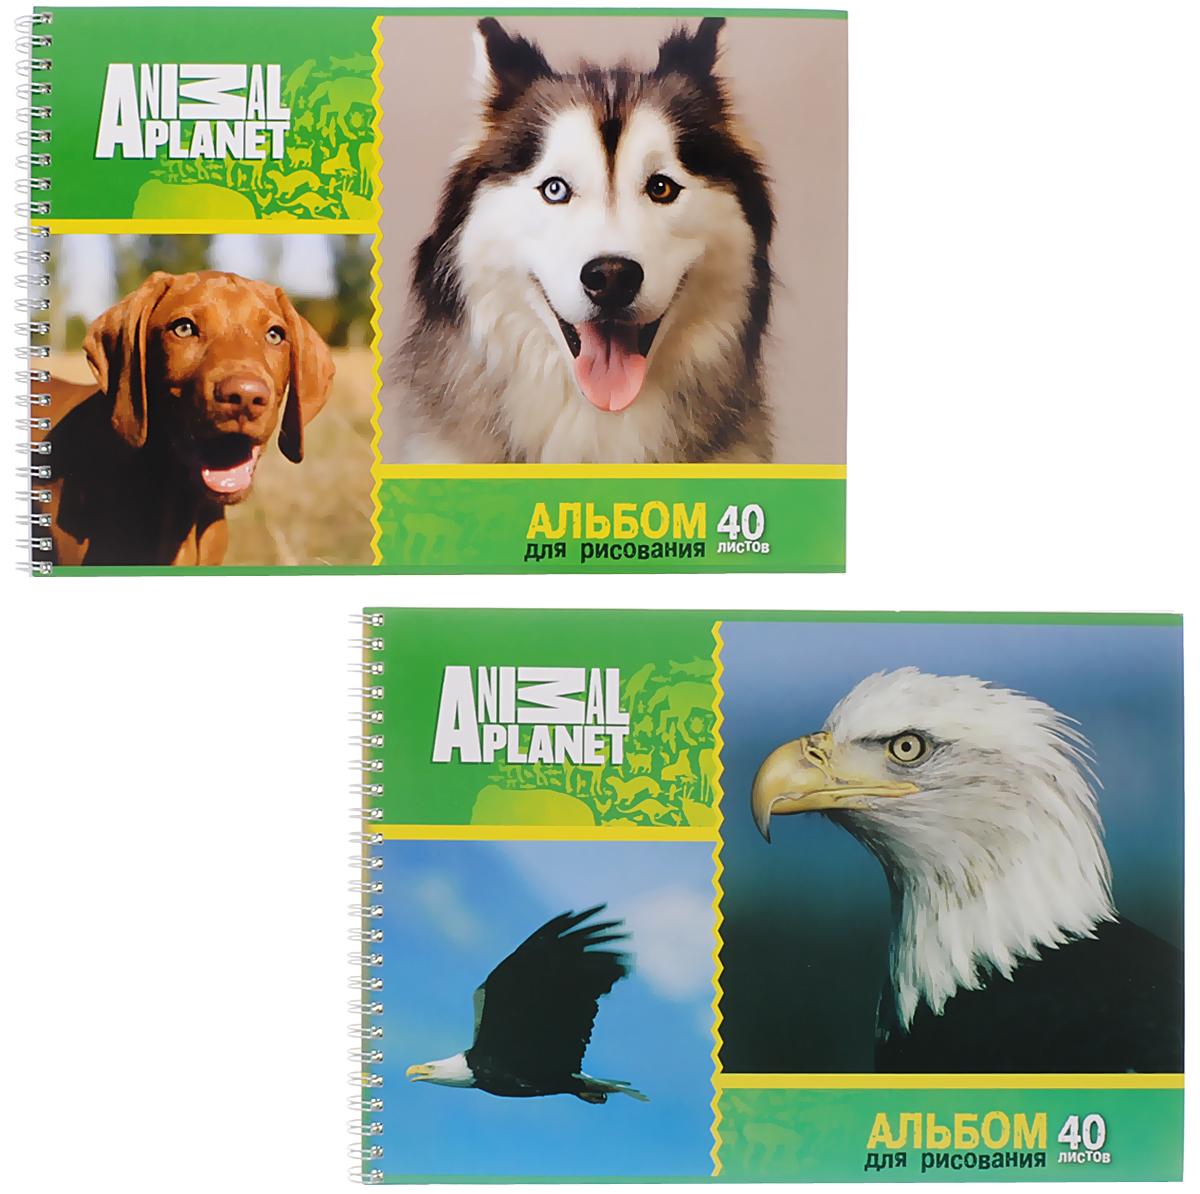 Action! Набор альбомов для рисования Орел и собаки 40 листов 2 шт72523WDАльбом для рисования Action! Орел и собаки обязательно порадует маленькогохудожника и вдохновит его на творчество. Альбом изготовлен из белоснежнойбумаги с яркой обложкой из плотного картона. Внутренний блок альбома нагребне. Один альбом содержит 40 листов. В набор входят два альбома.